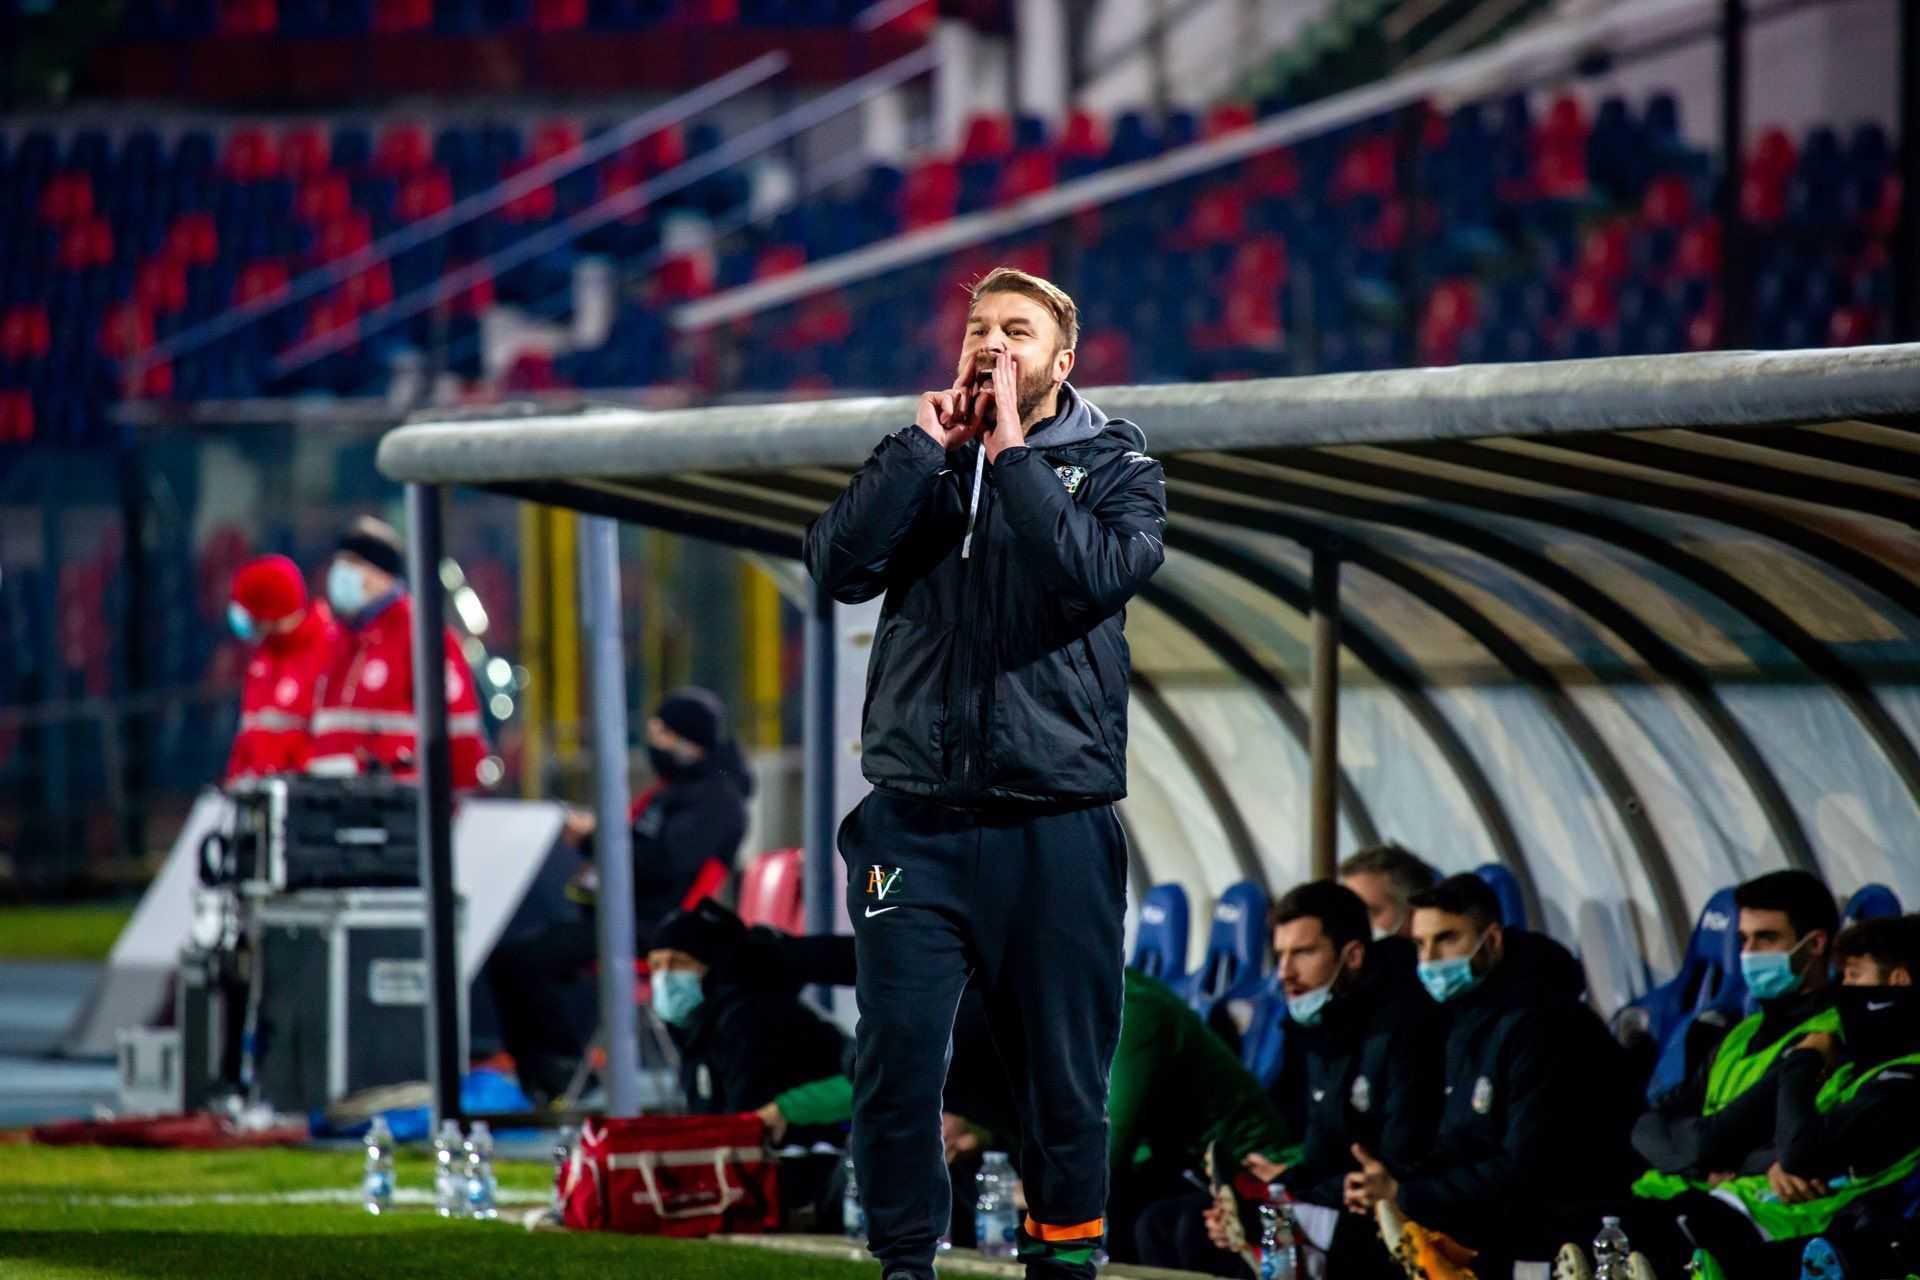 UFFICIALE – Venezia, Zanetti rinnova fino al 2025